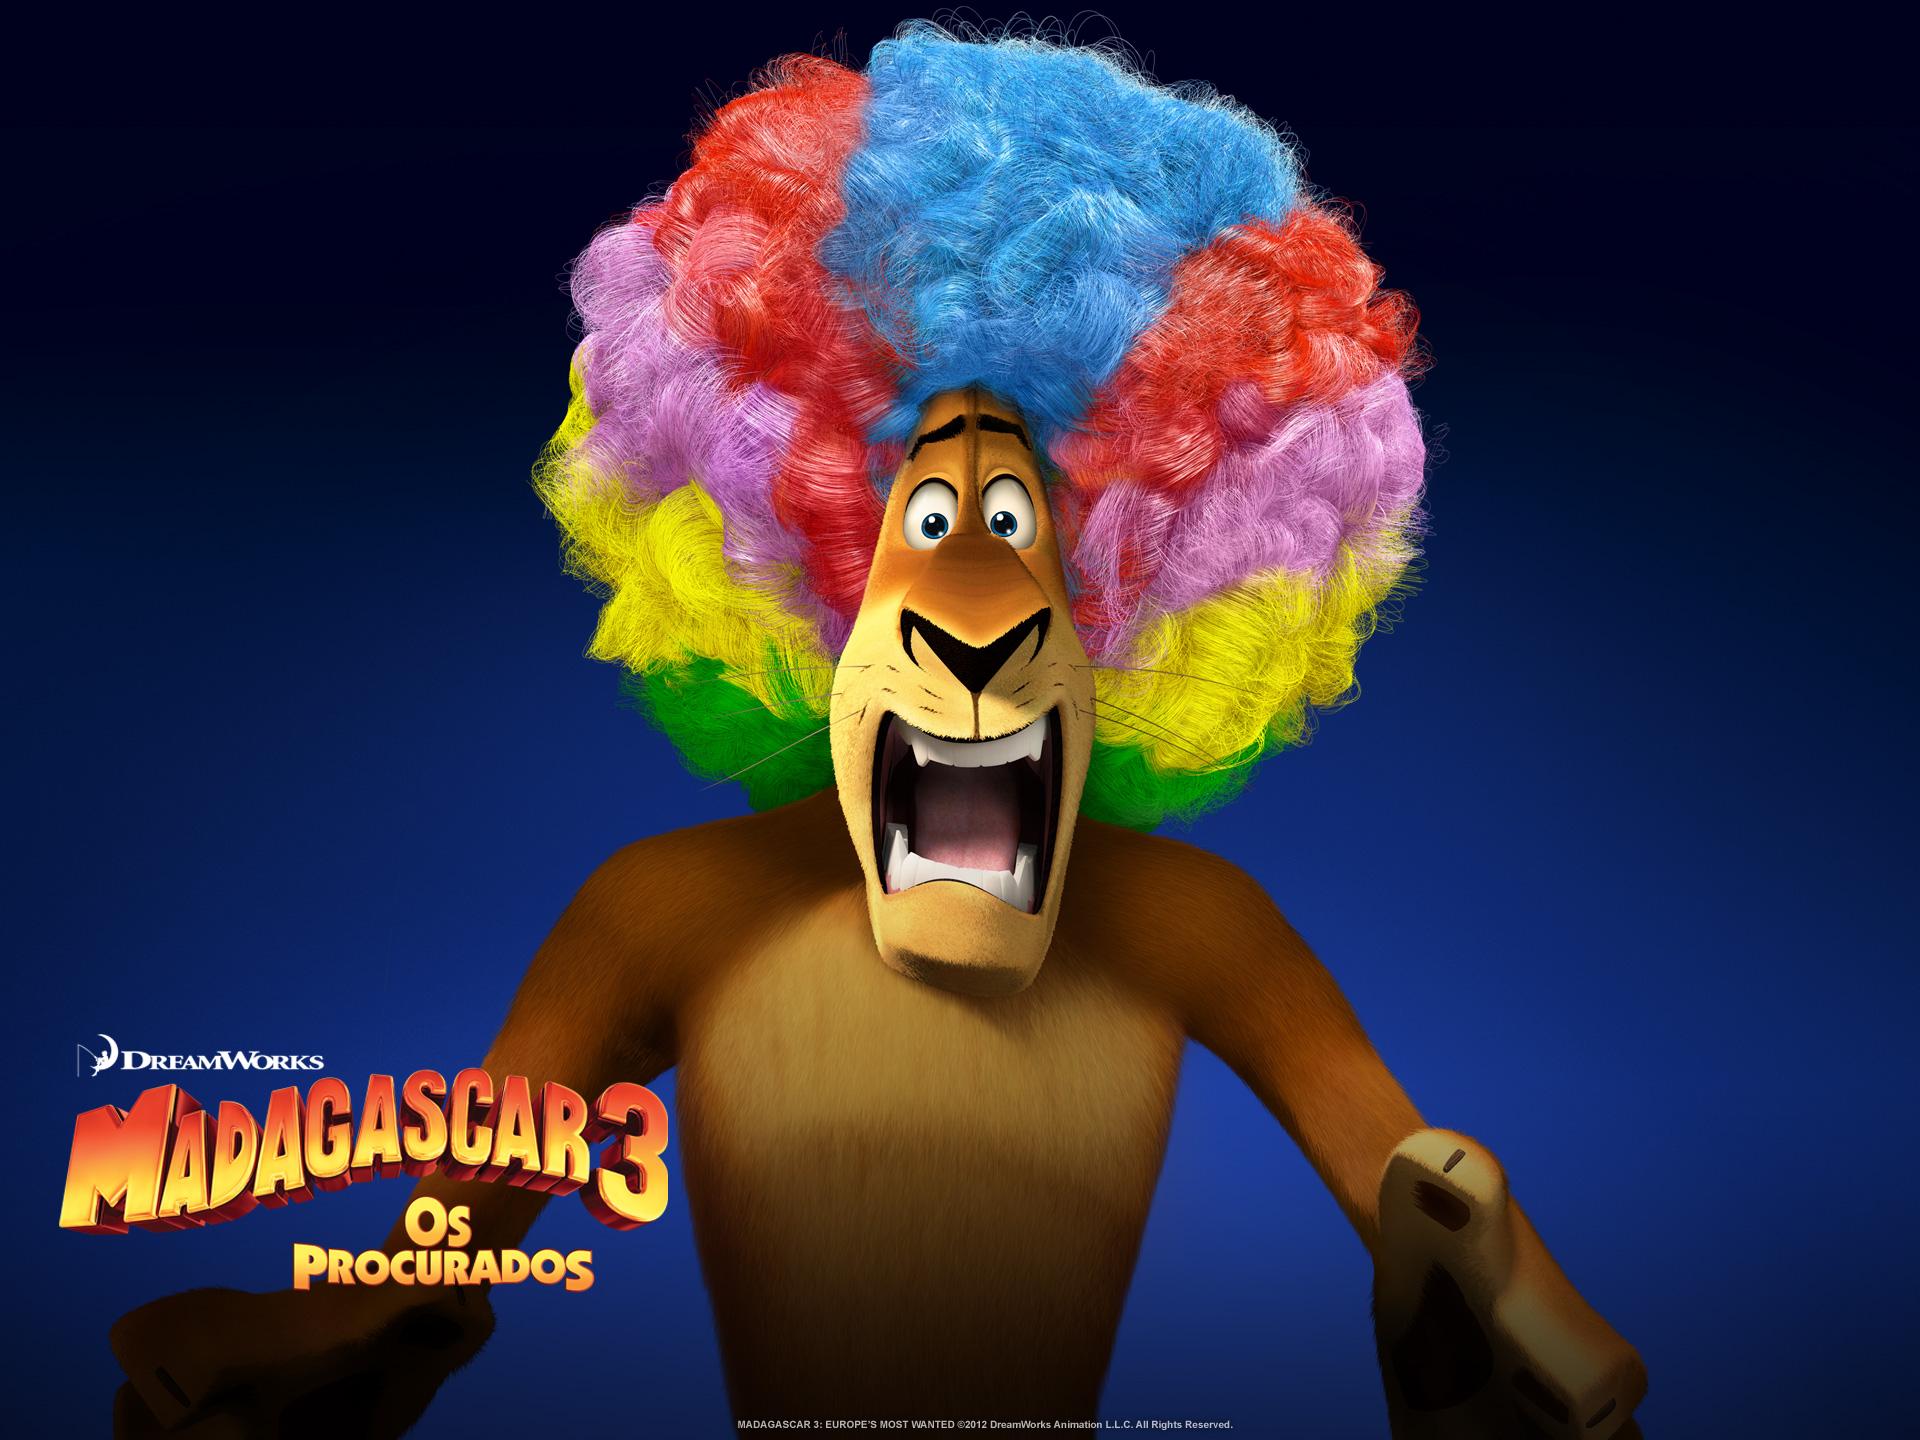 """Wallpapers de """"Madagascar 3: Os Procurados"""" 03"""